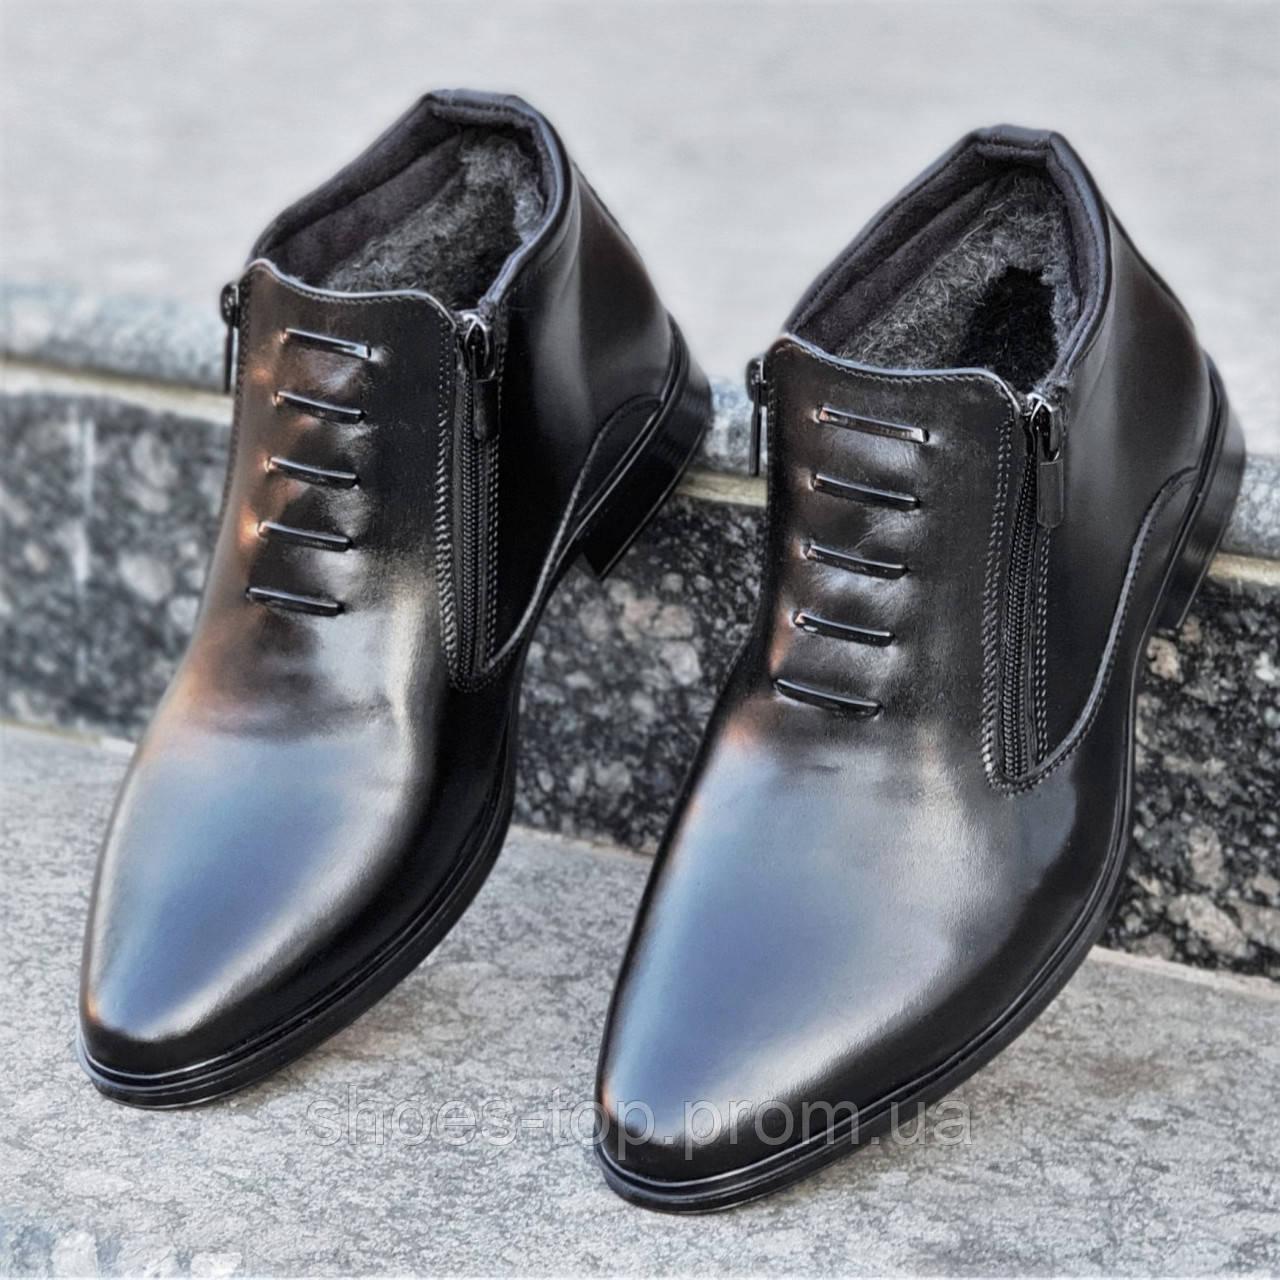 ea5ae8db6 Мужские зимние классические мужские ботинки полусапожки на молнии кожаные  черные с острым носком (Код: